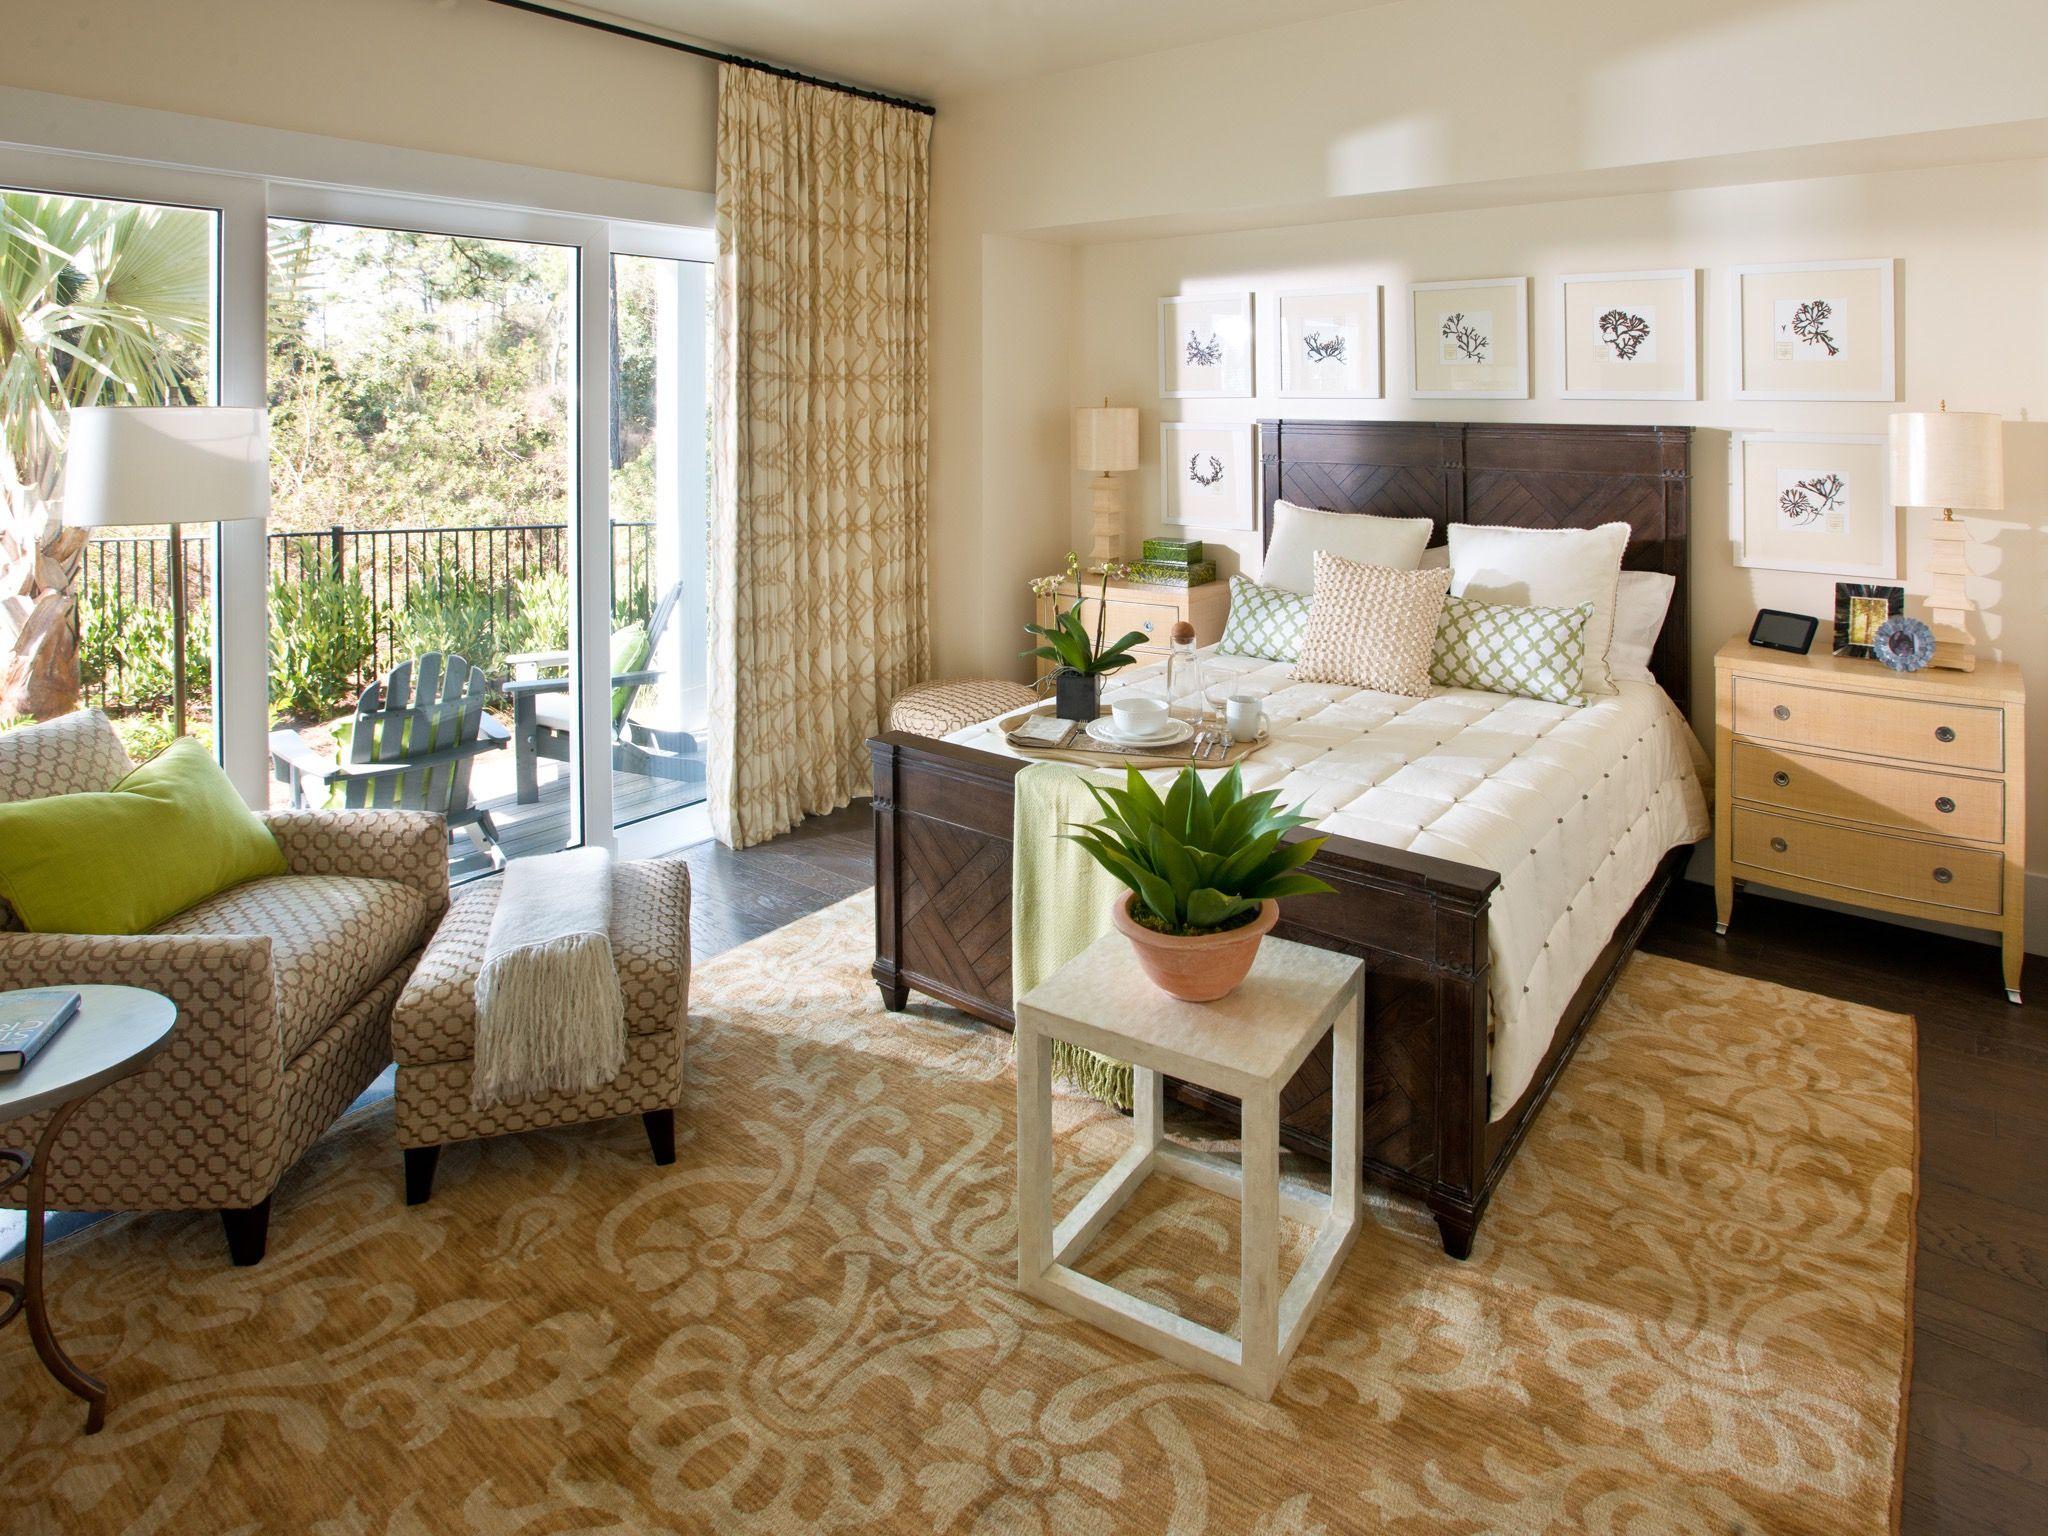 Einfaches wohnmöbel design einfache schlafzimmer ideen für eltern  schlafzimmer in